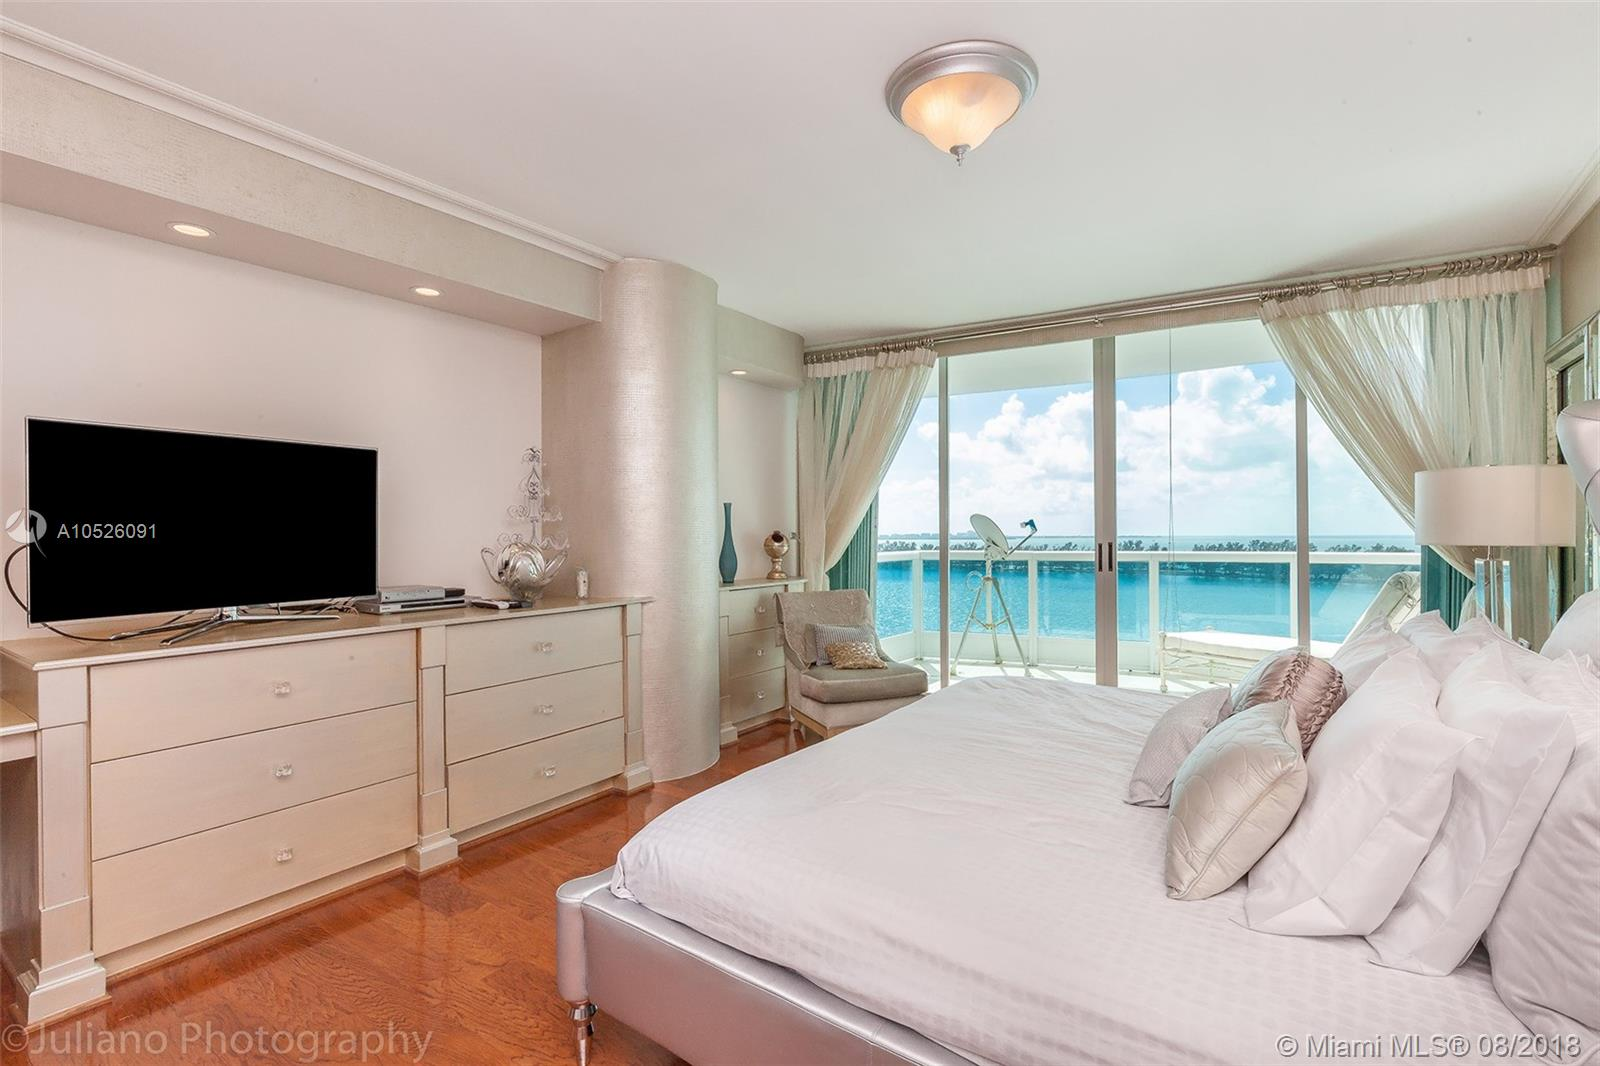 2127 Brickell Avenue, Miami, FL 33129, Bristol Tower Condominium #1103, Brickell, Miami A10526091 image #3